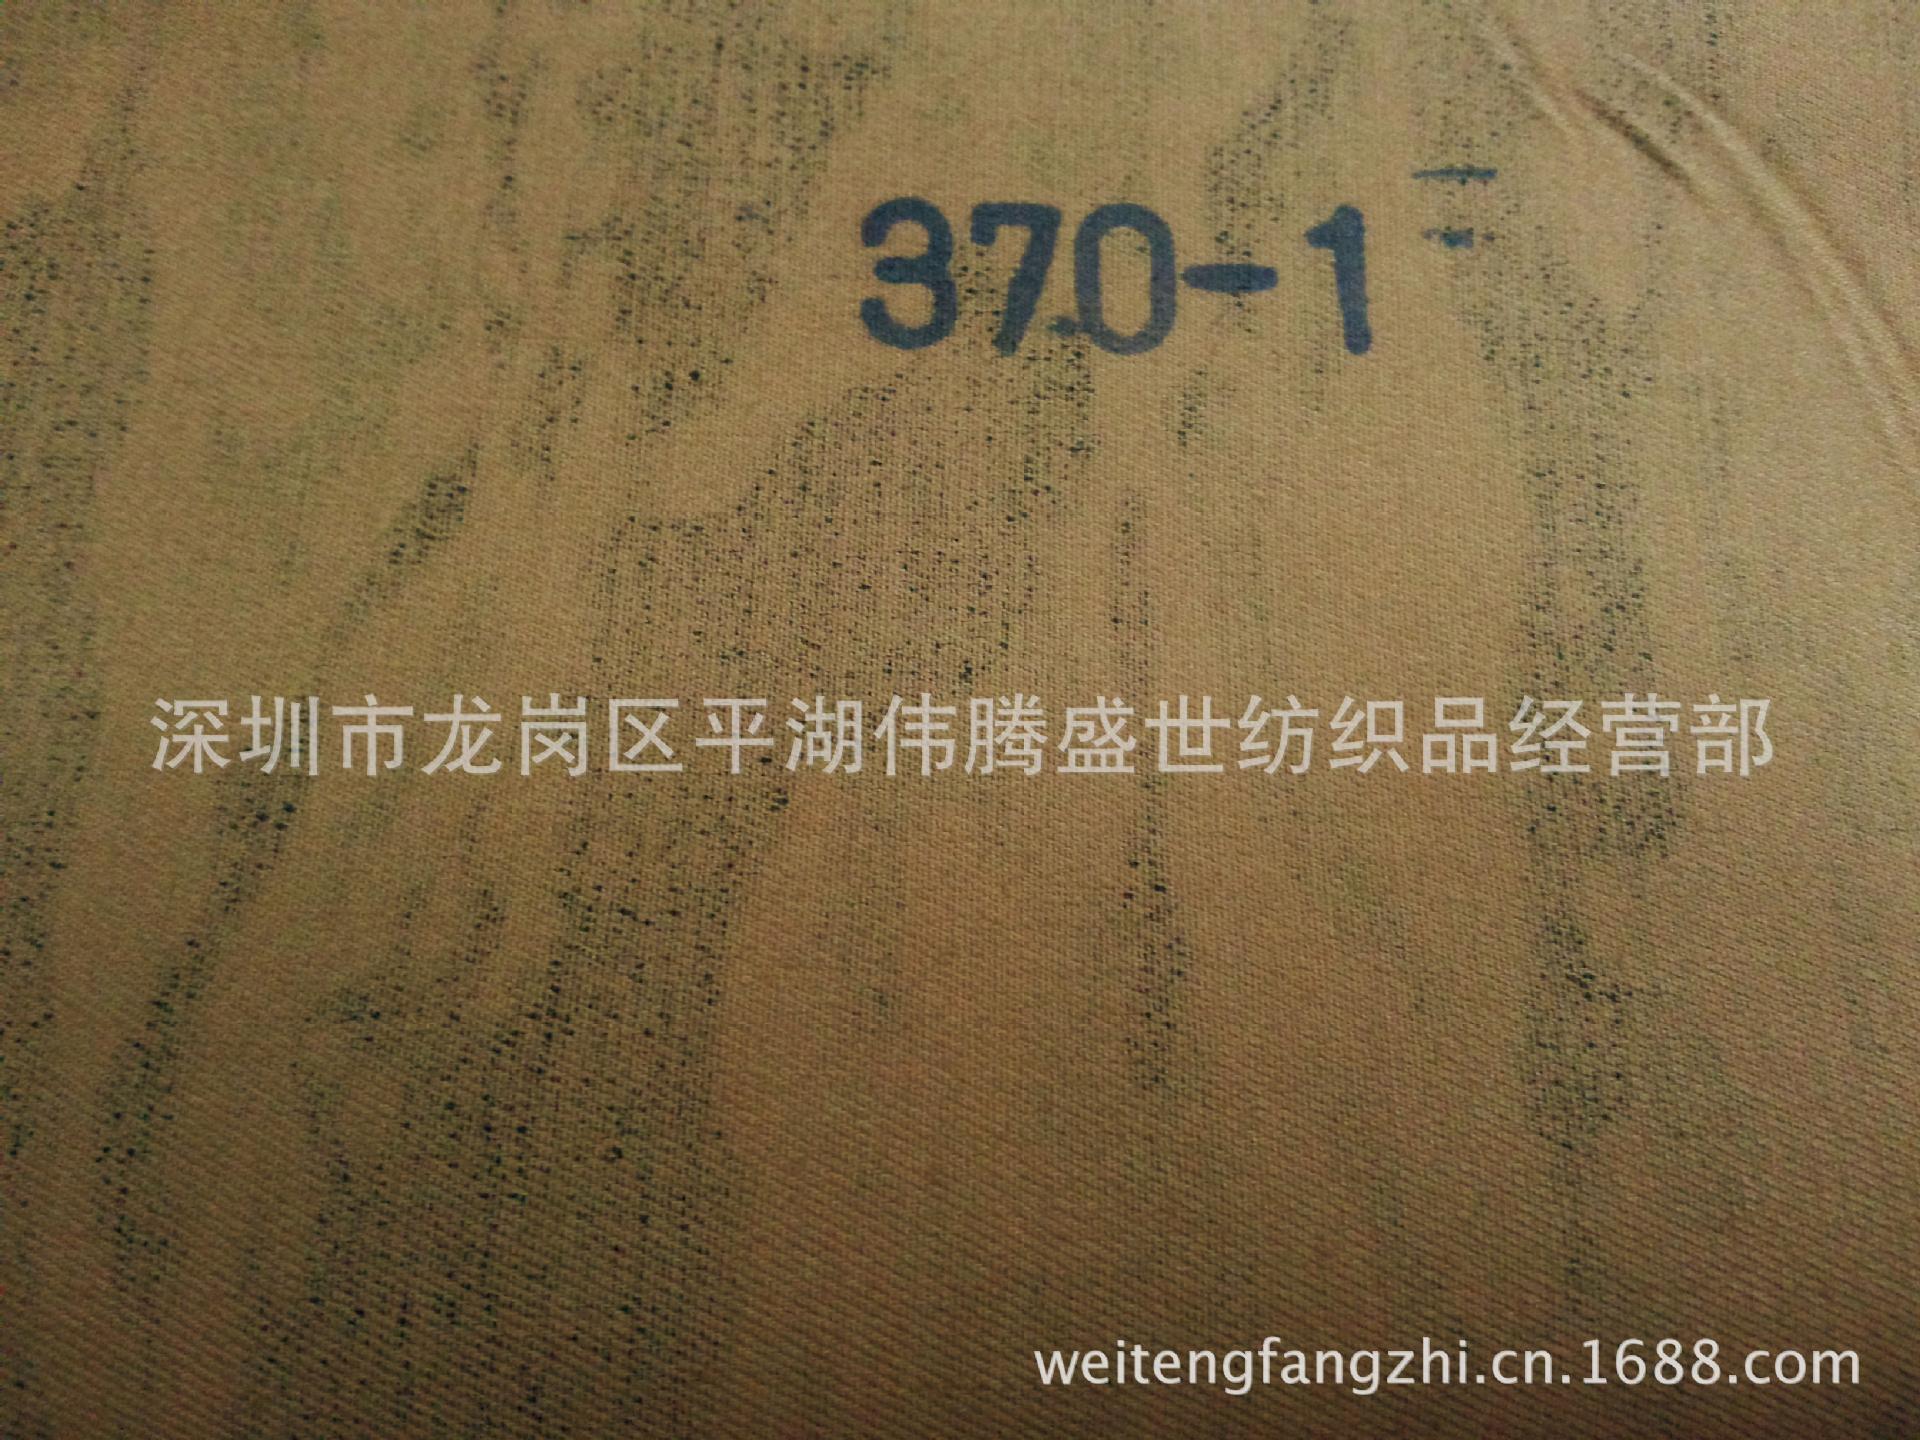 高密斜弹力面料 迷彩帆布印花 全棉印花弹力迷彩服装面料图片二